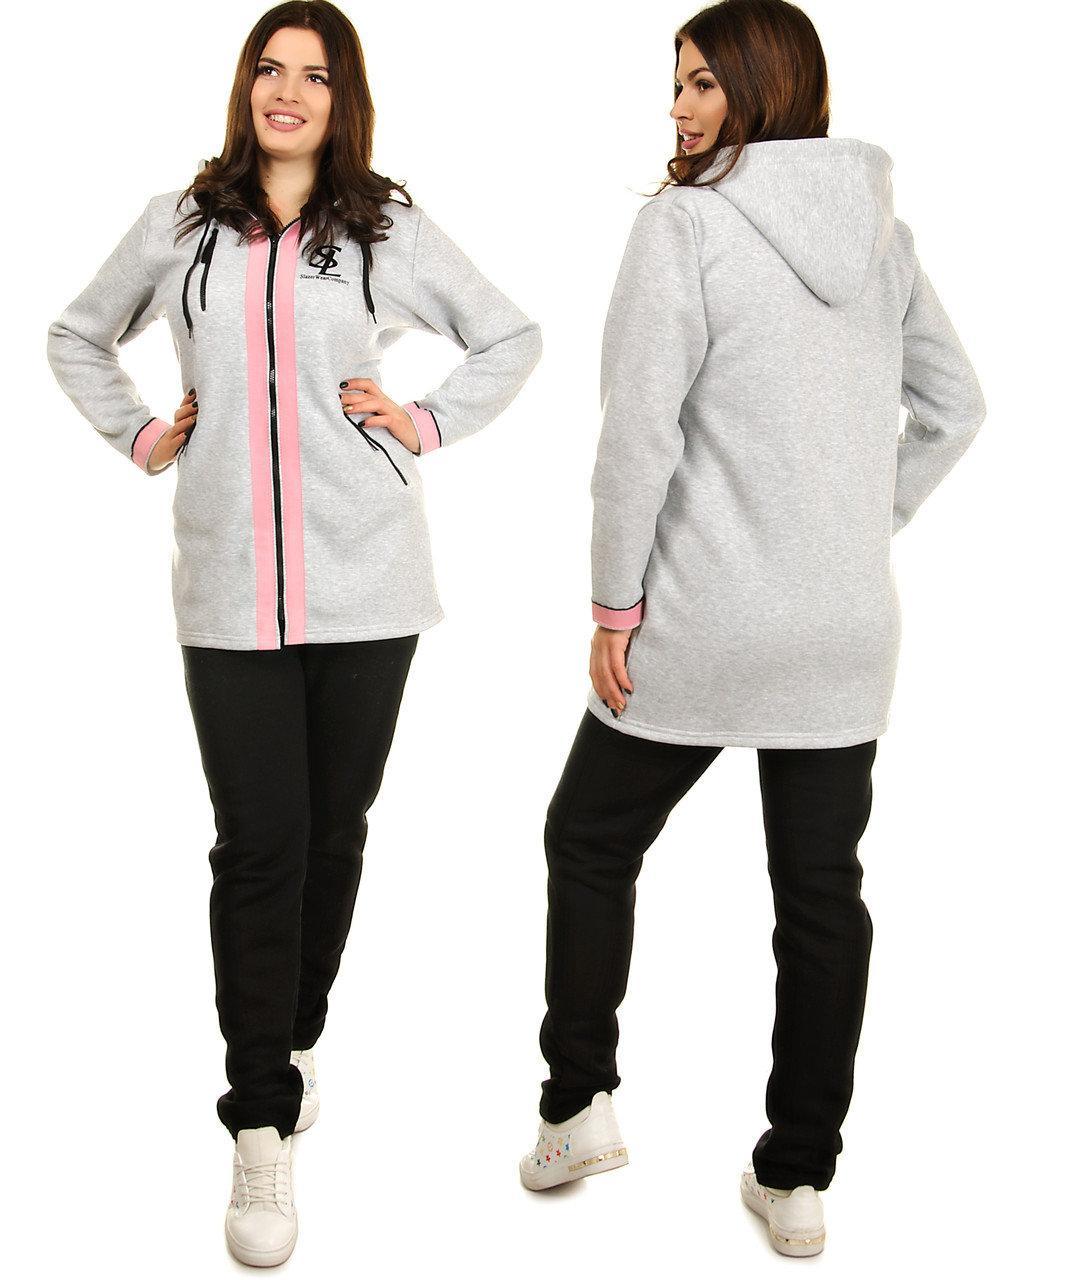 Теплый спортивный костюм женский больших размеров (батал)